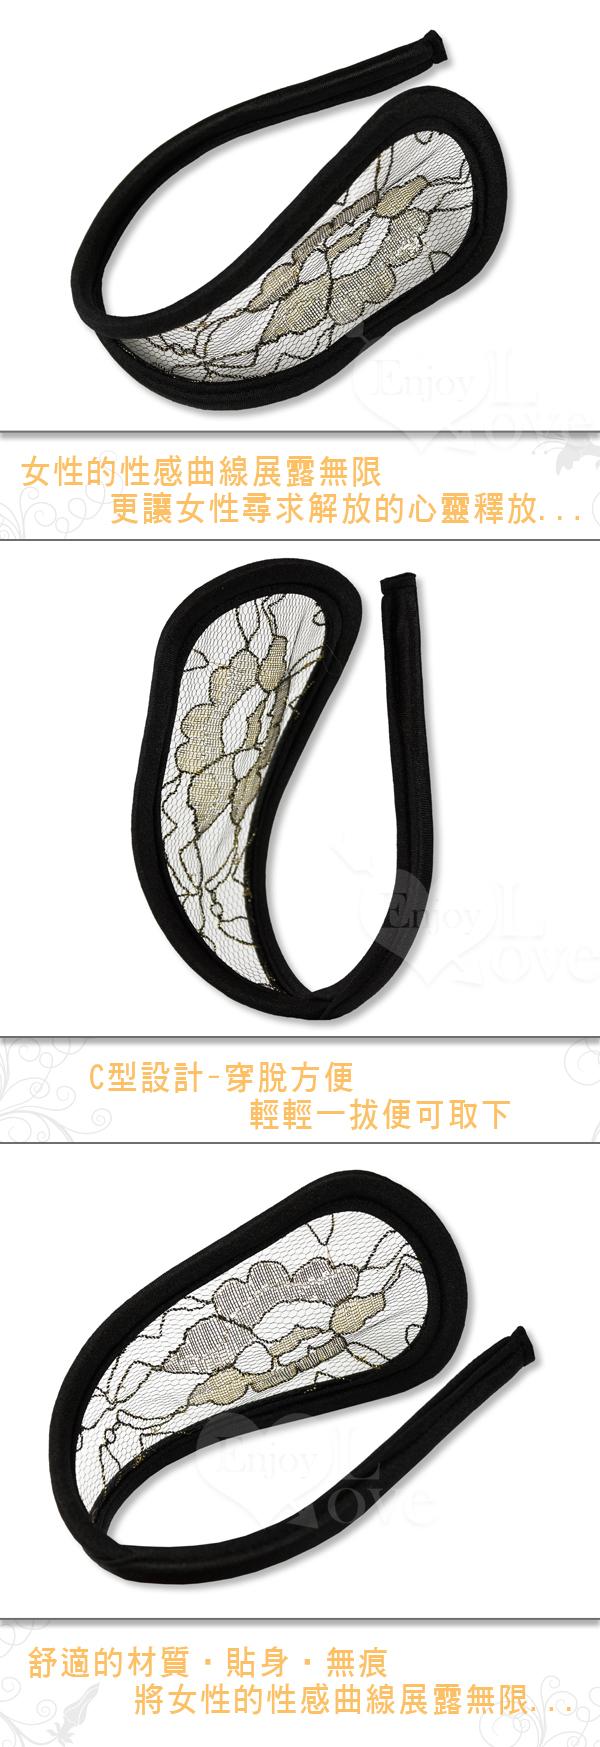 金絲花朵透明時尚隱形C字褲